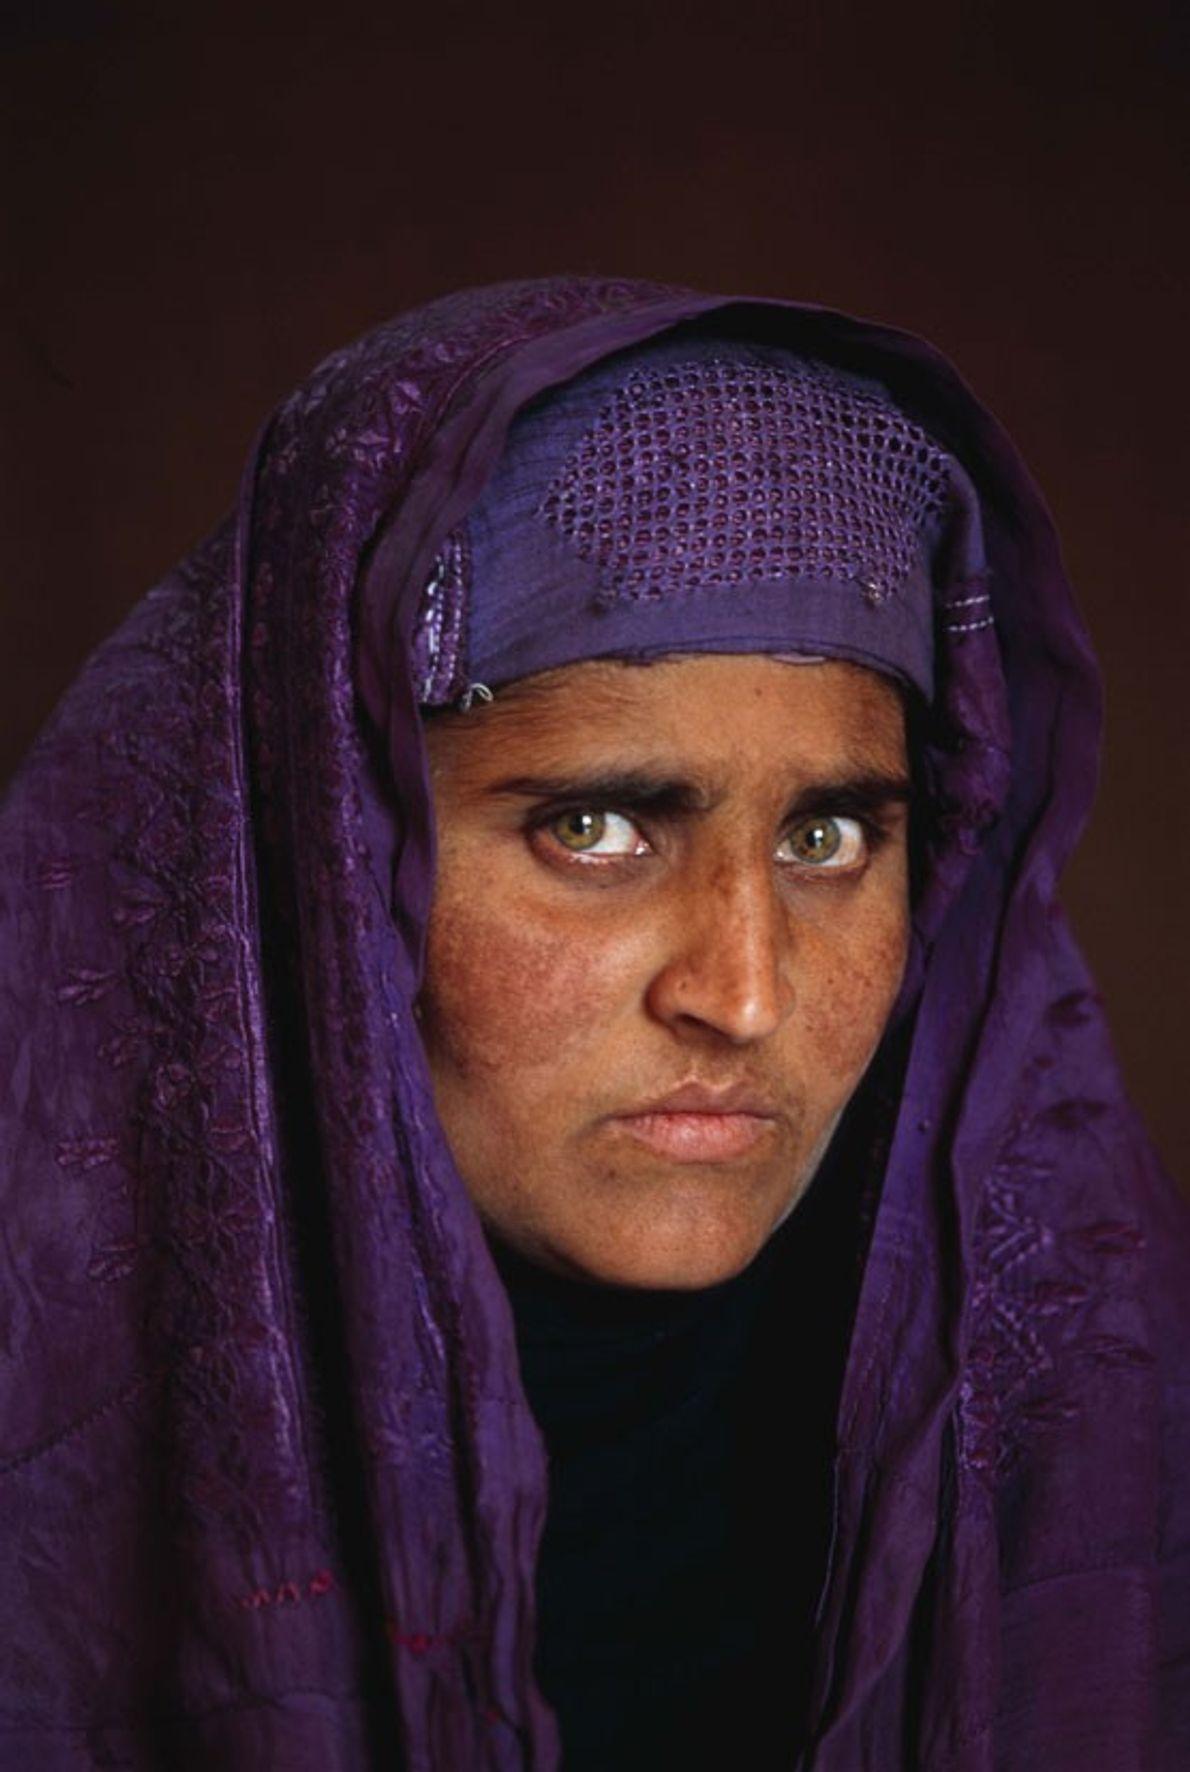 Dieciocho años después de que tomaran su foto, Sharbat Gula, que ahora vive en las montañas ...